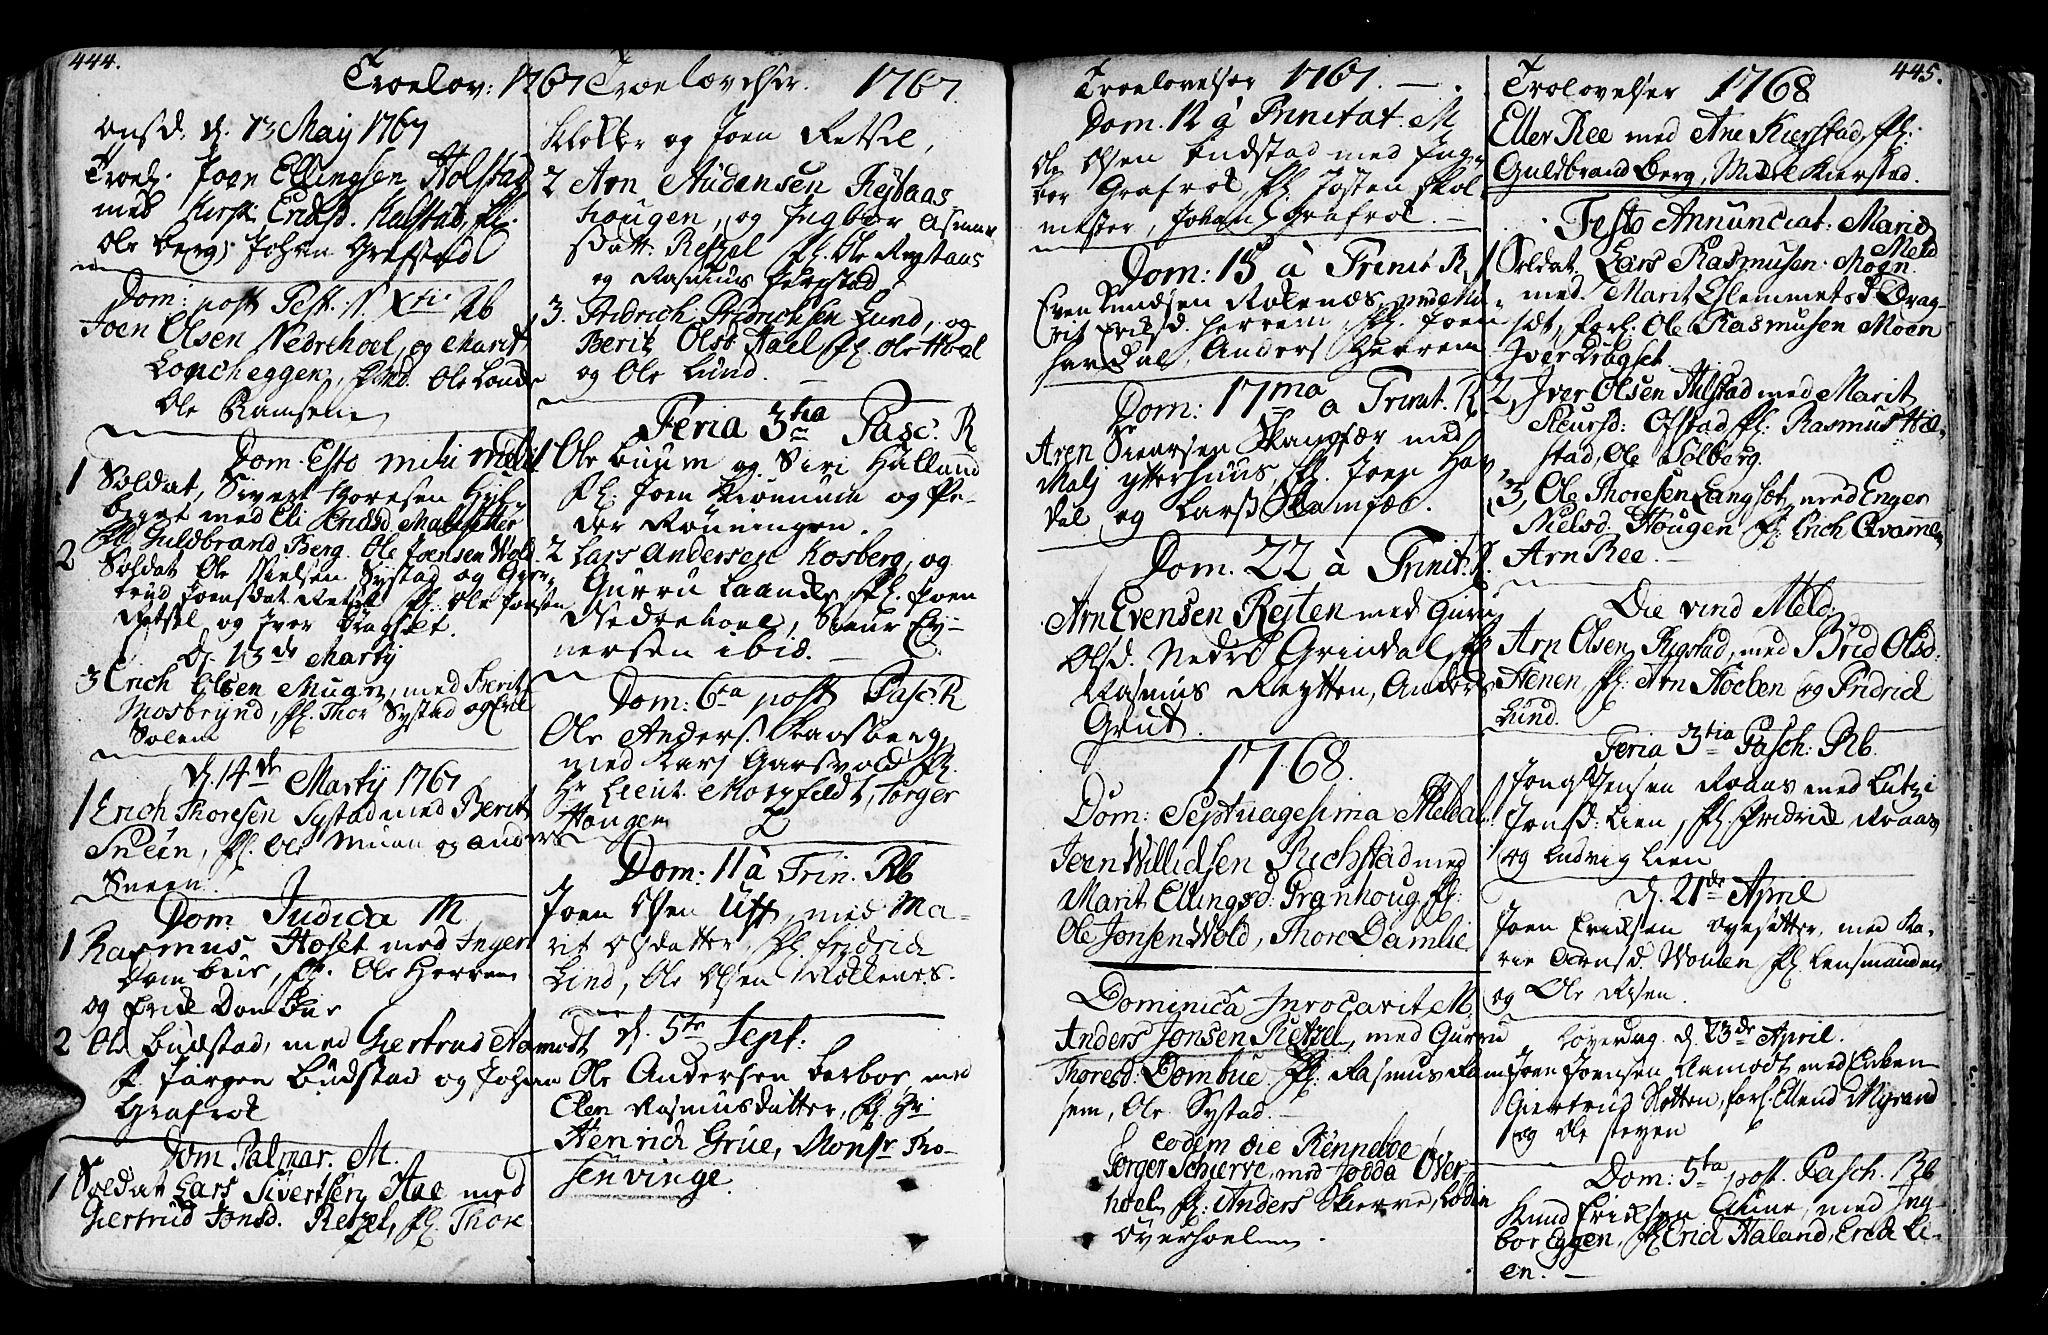 SAT, Ministerialprotokoller, klokkerbøker og fødselsregistre - Sør-Trøndelag, 672/L0851: Ministerialbok nr. 672A04, 1751-1775, s. 444-445